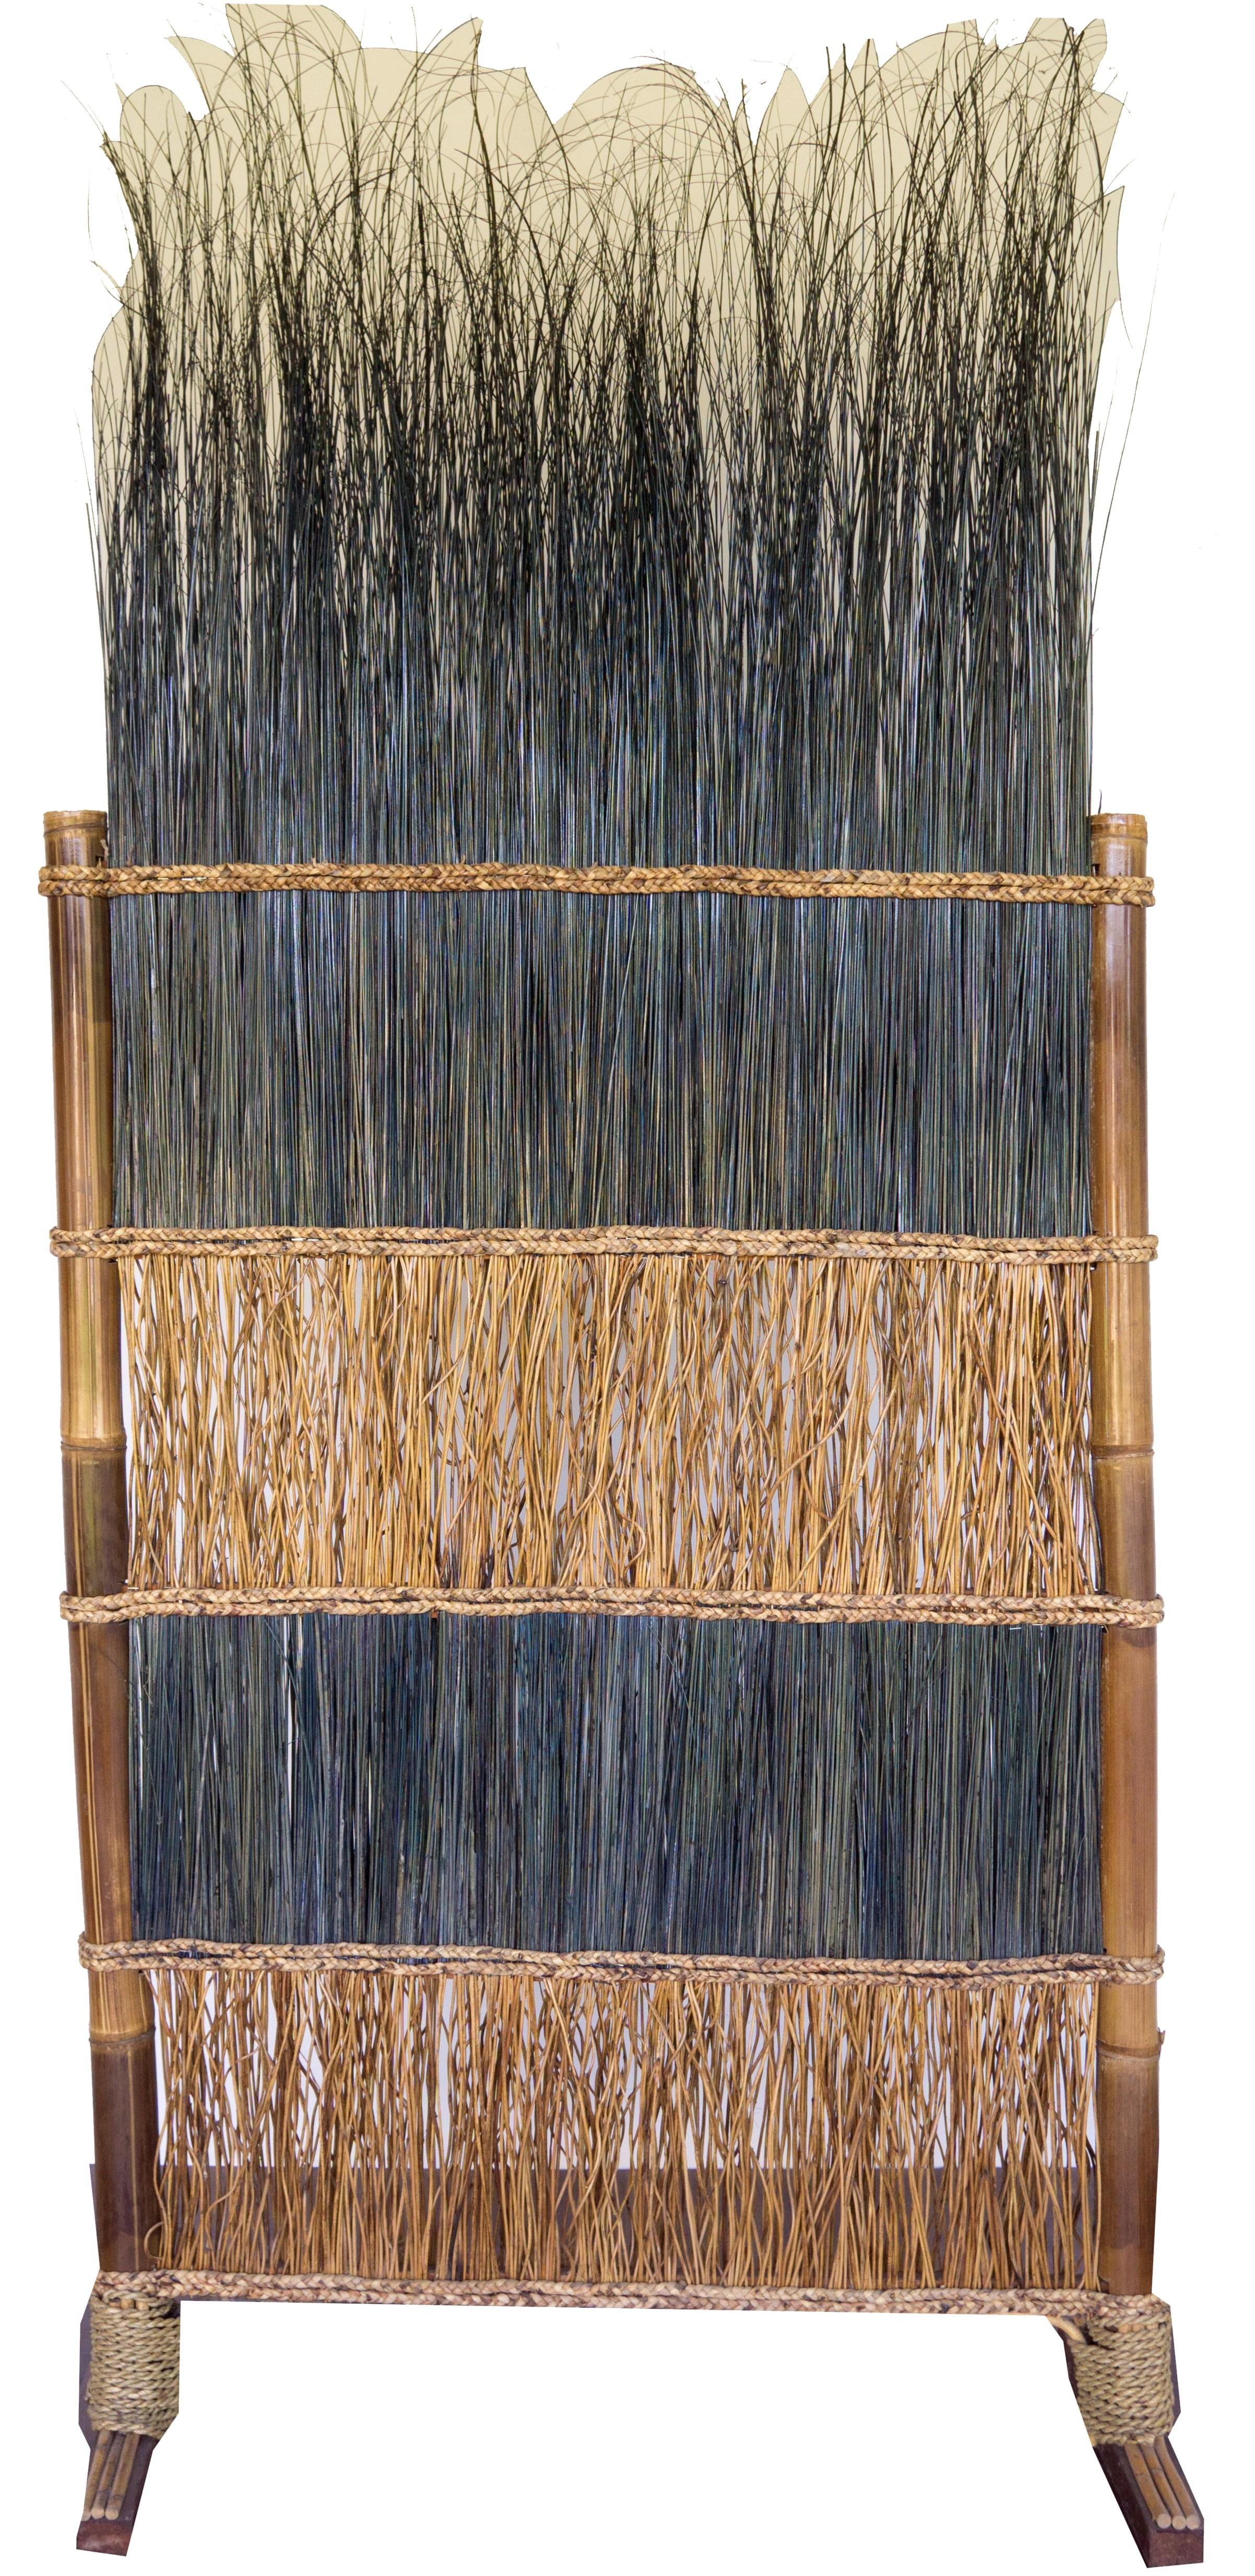 paravent, raumteiler, raumtrenner spanische wand aus natur-material